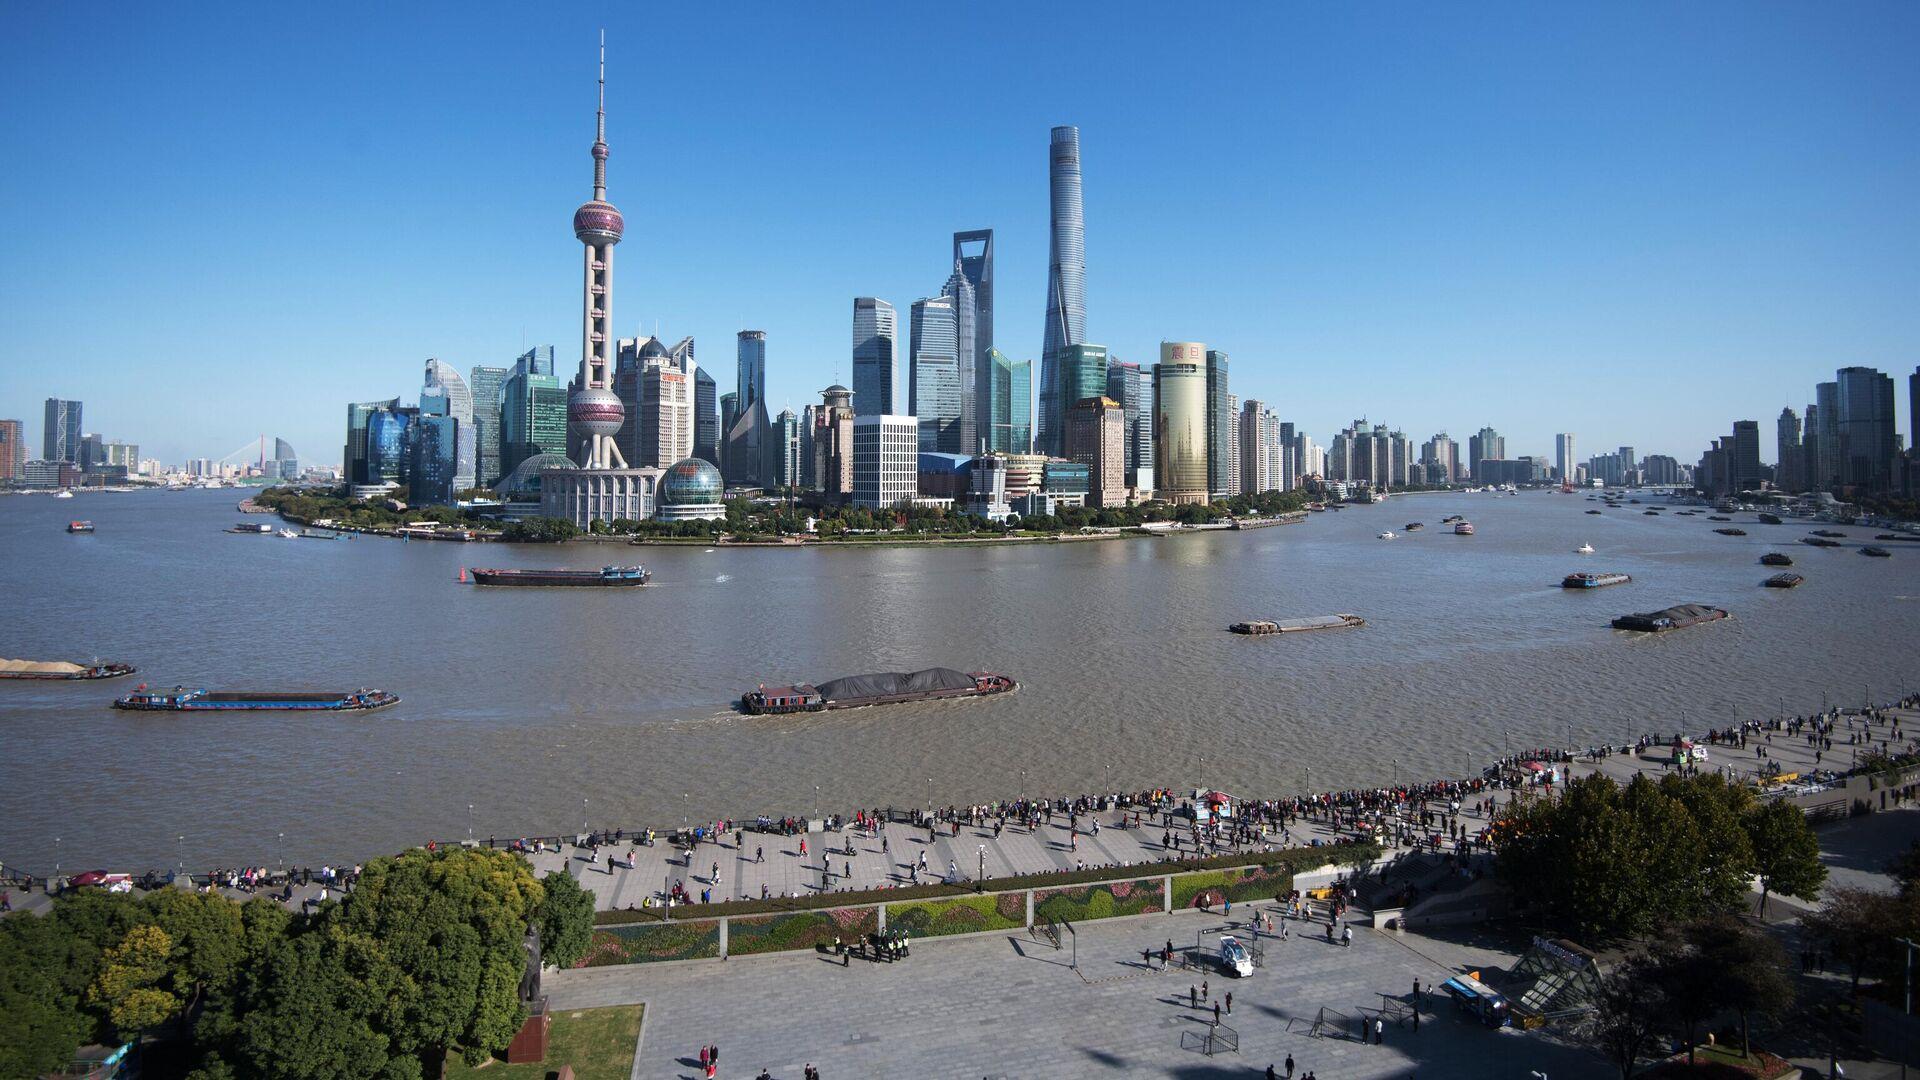 ЭКСПО в Шанхае показала новые возможности для бизнеса в условиях пандемии